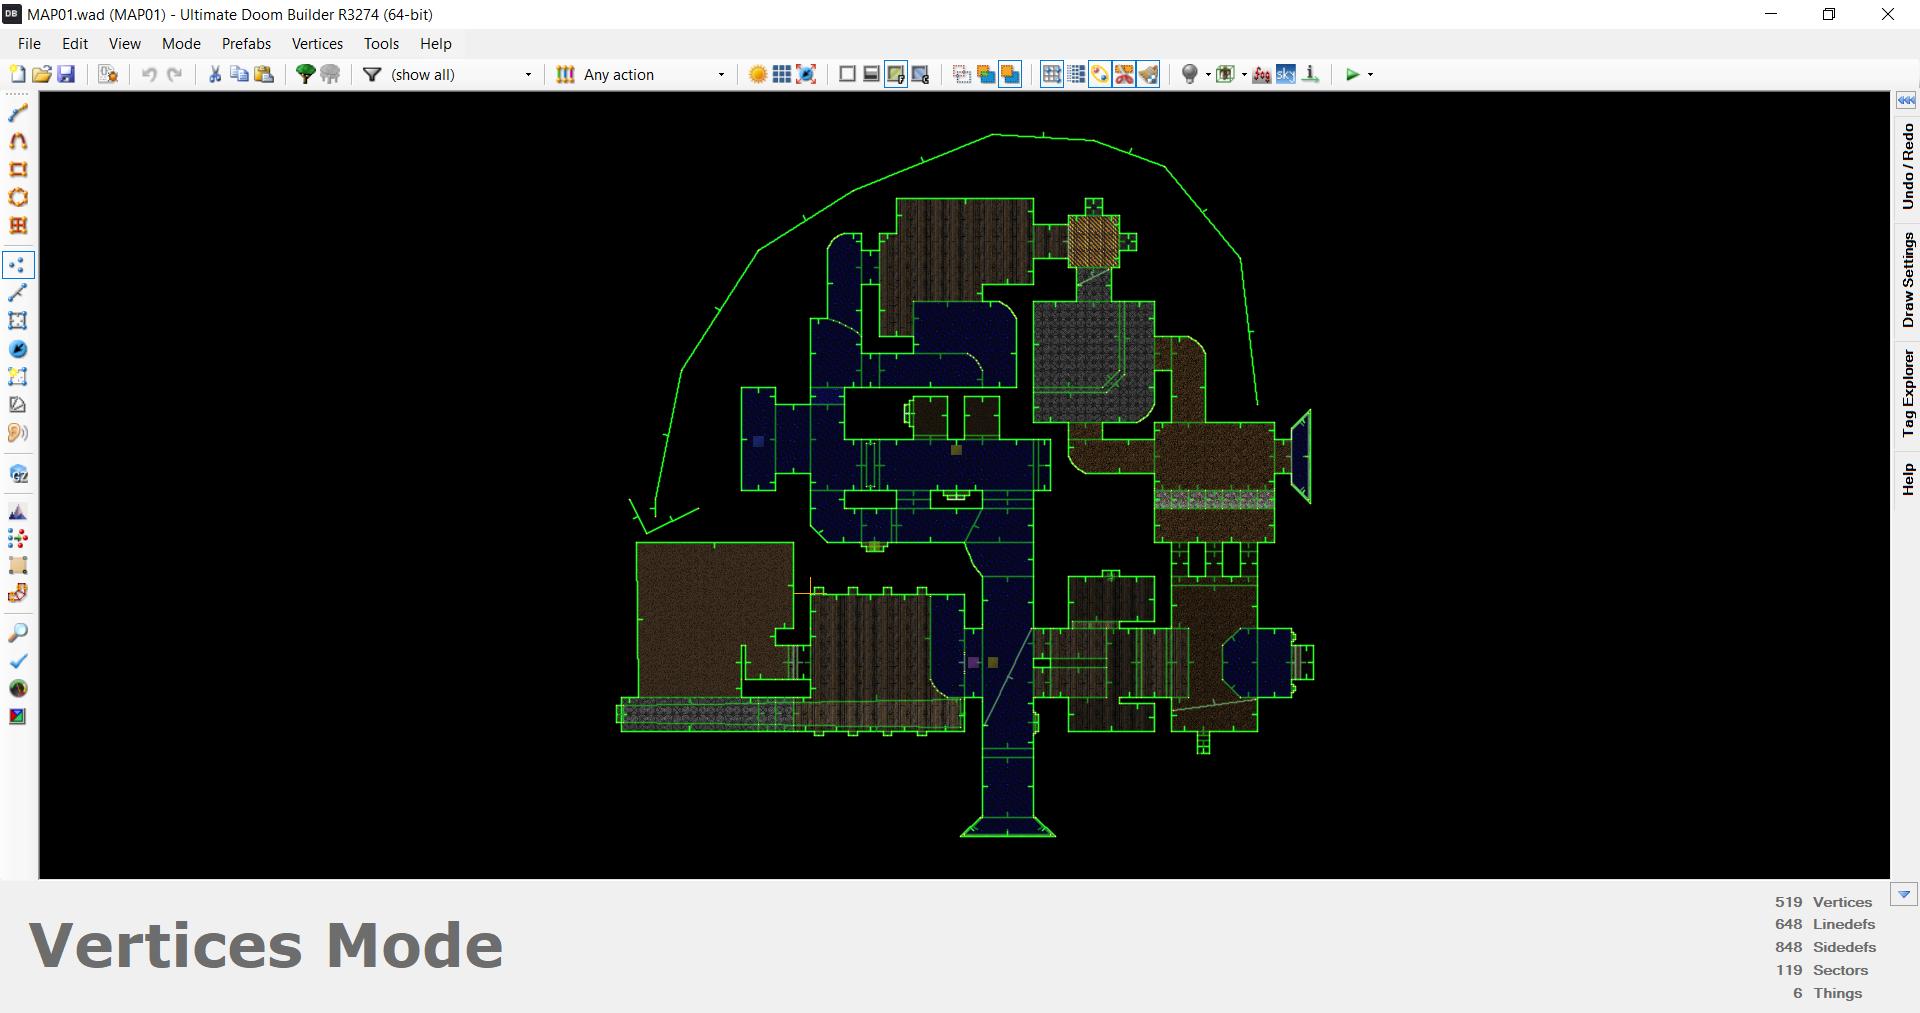 1377426125_MAP01.wad(MAP01)-UltimateDoomBuilderR3274(64-bit)2021-06-1806_21_04.png.df6a10f0b634b32625fb1e99b5da2261.png